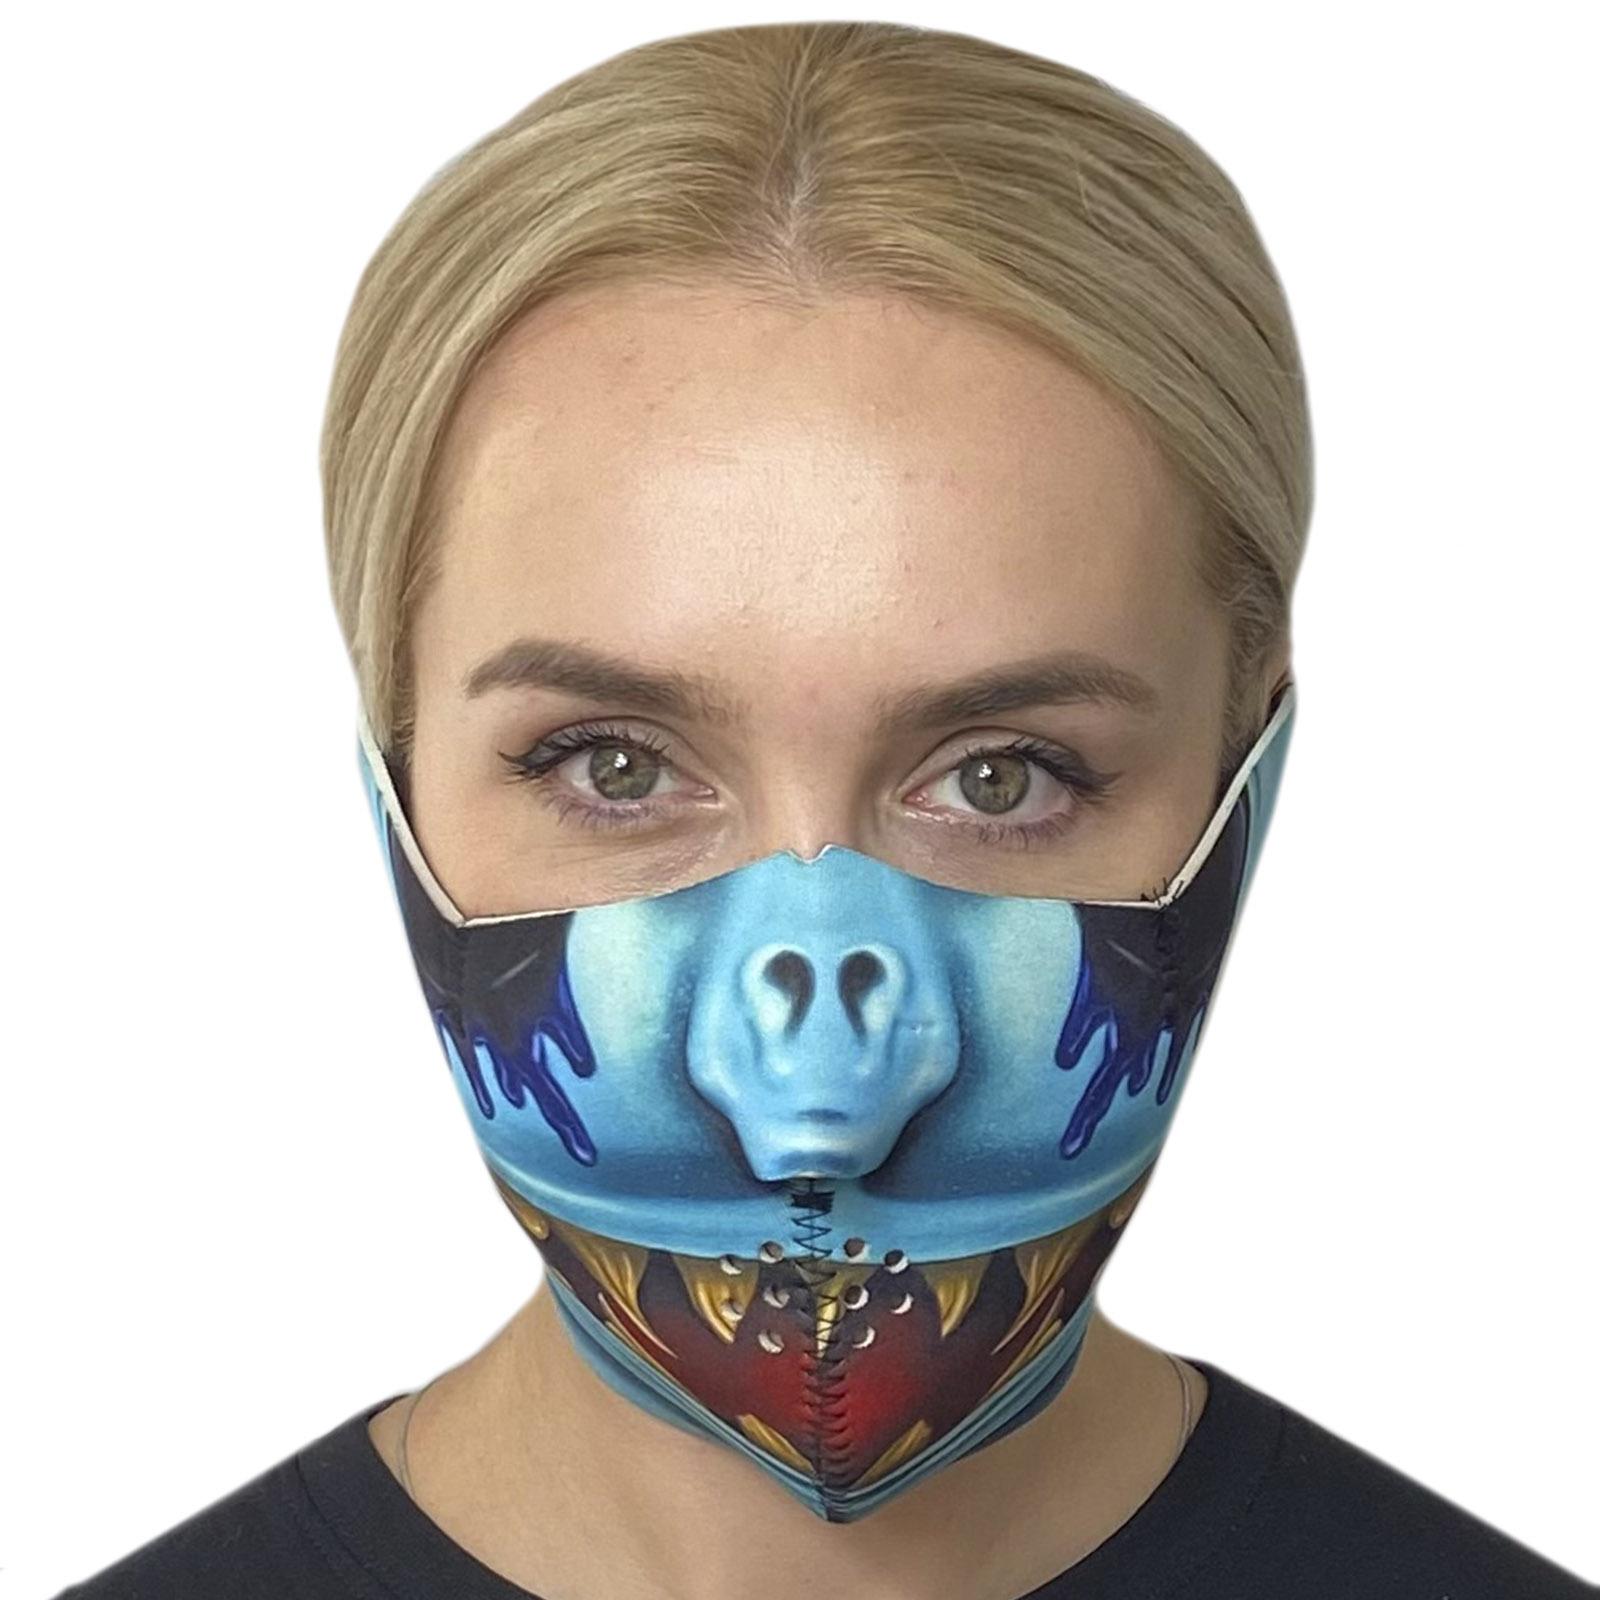 Полулицевая противовирусная маска с крутым хоррор-принтом Wild Wear Reptilian